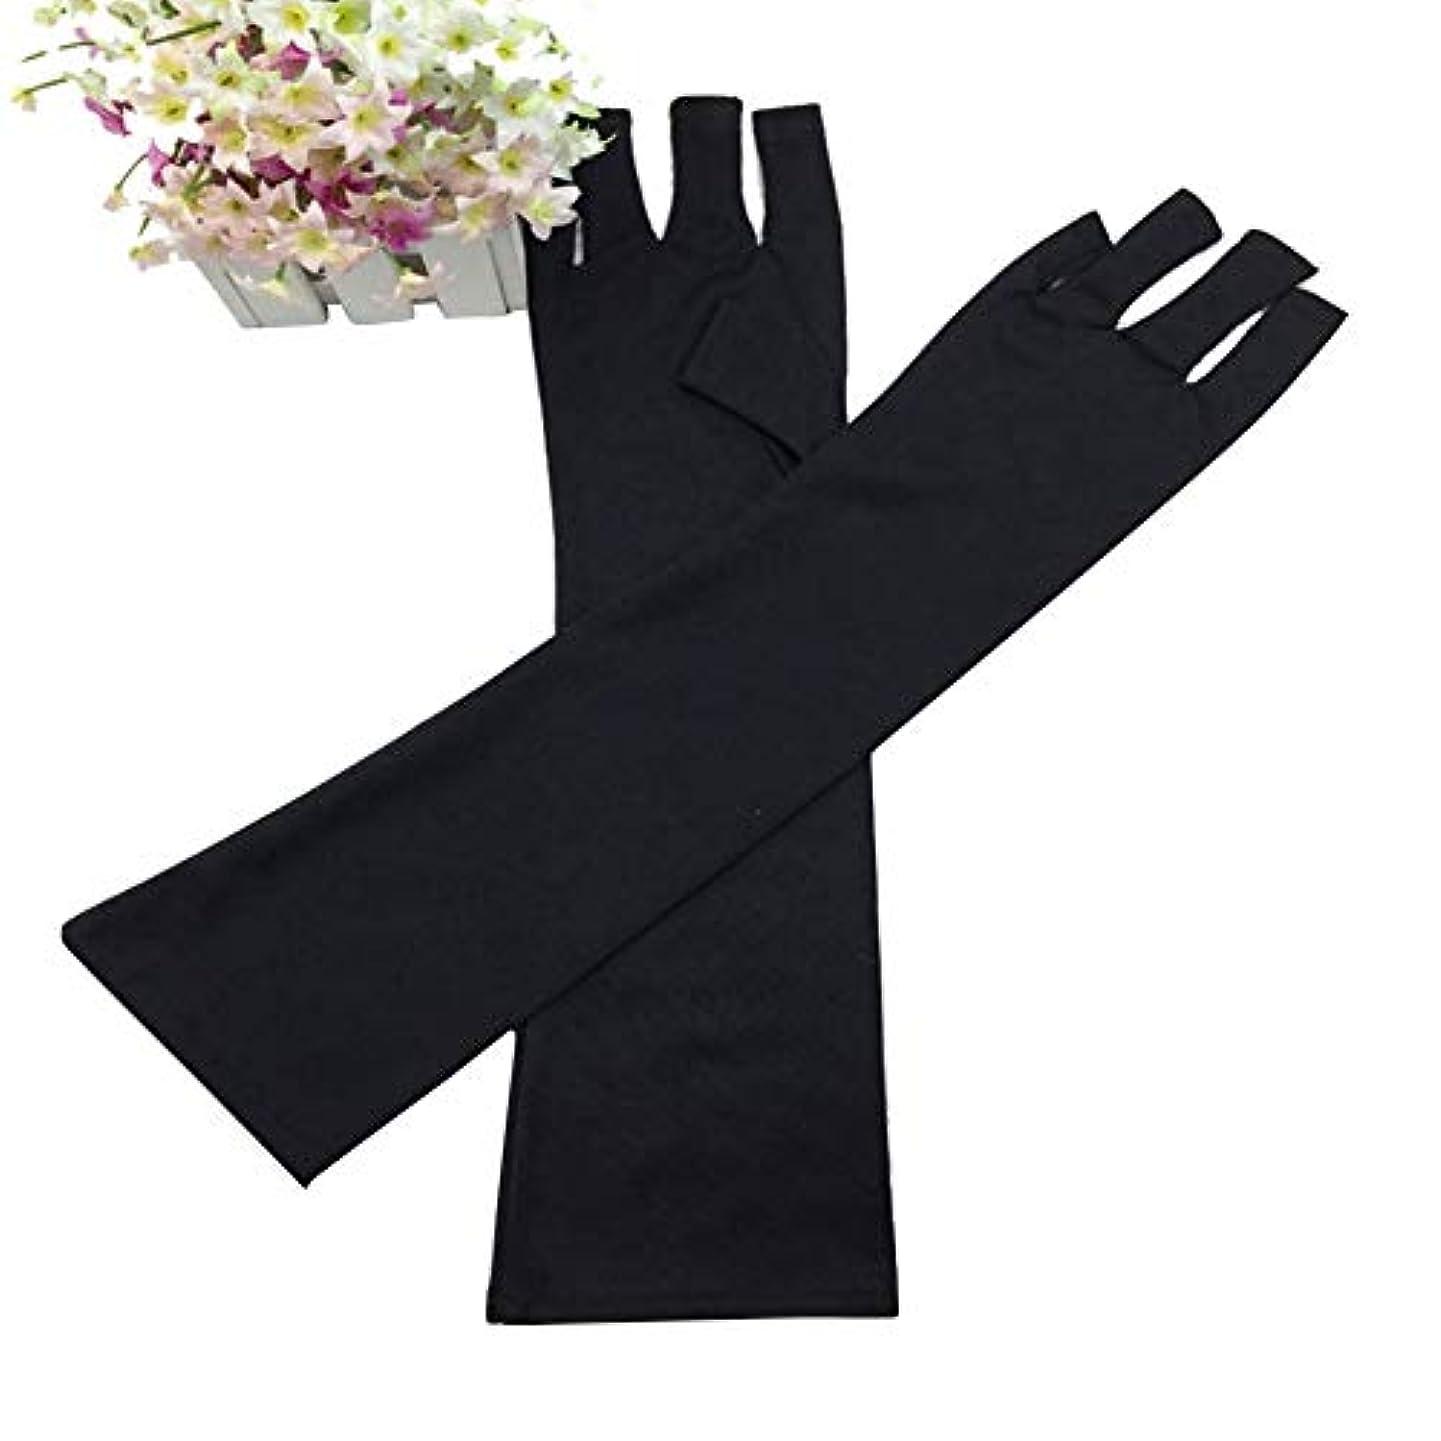 不定キャンペーンペルソナslQinjiansavネイルアート&ツール手袋UV光ランプ放射線保護手袋ハンドレストマニキュアネイルアートツール - ブラック